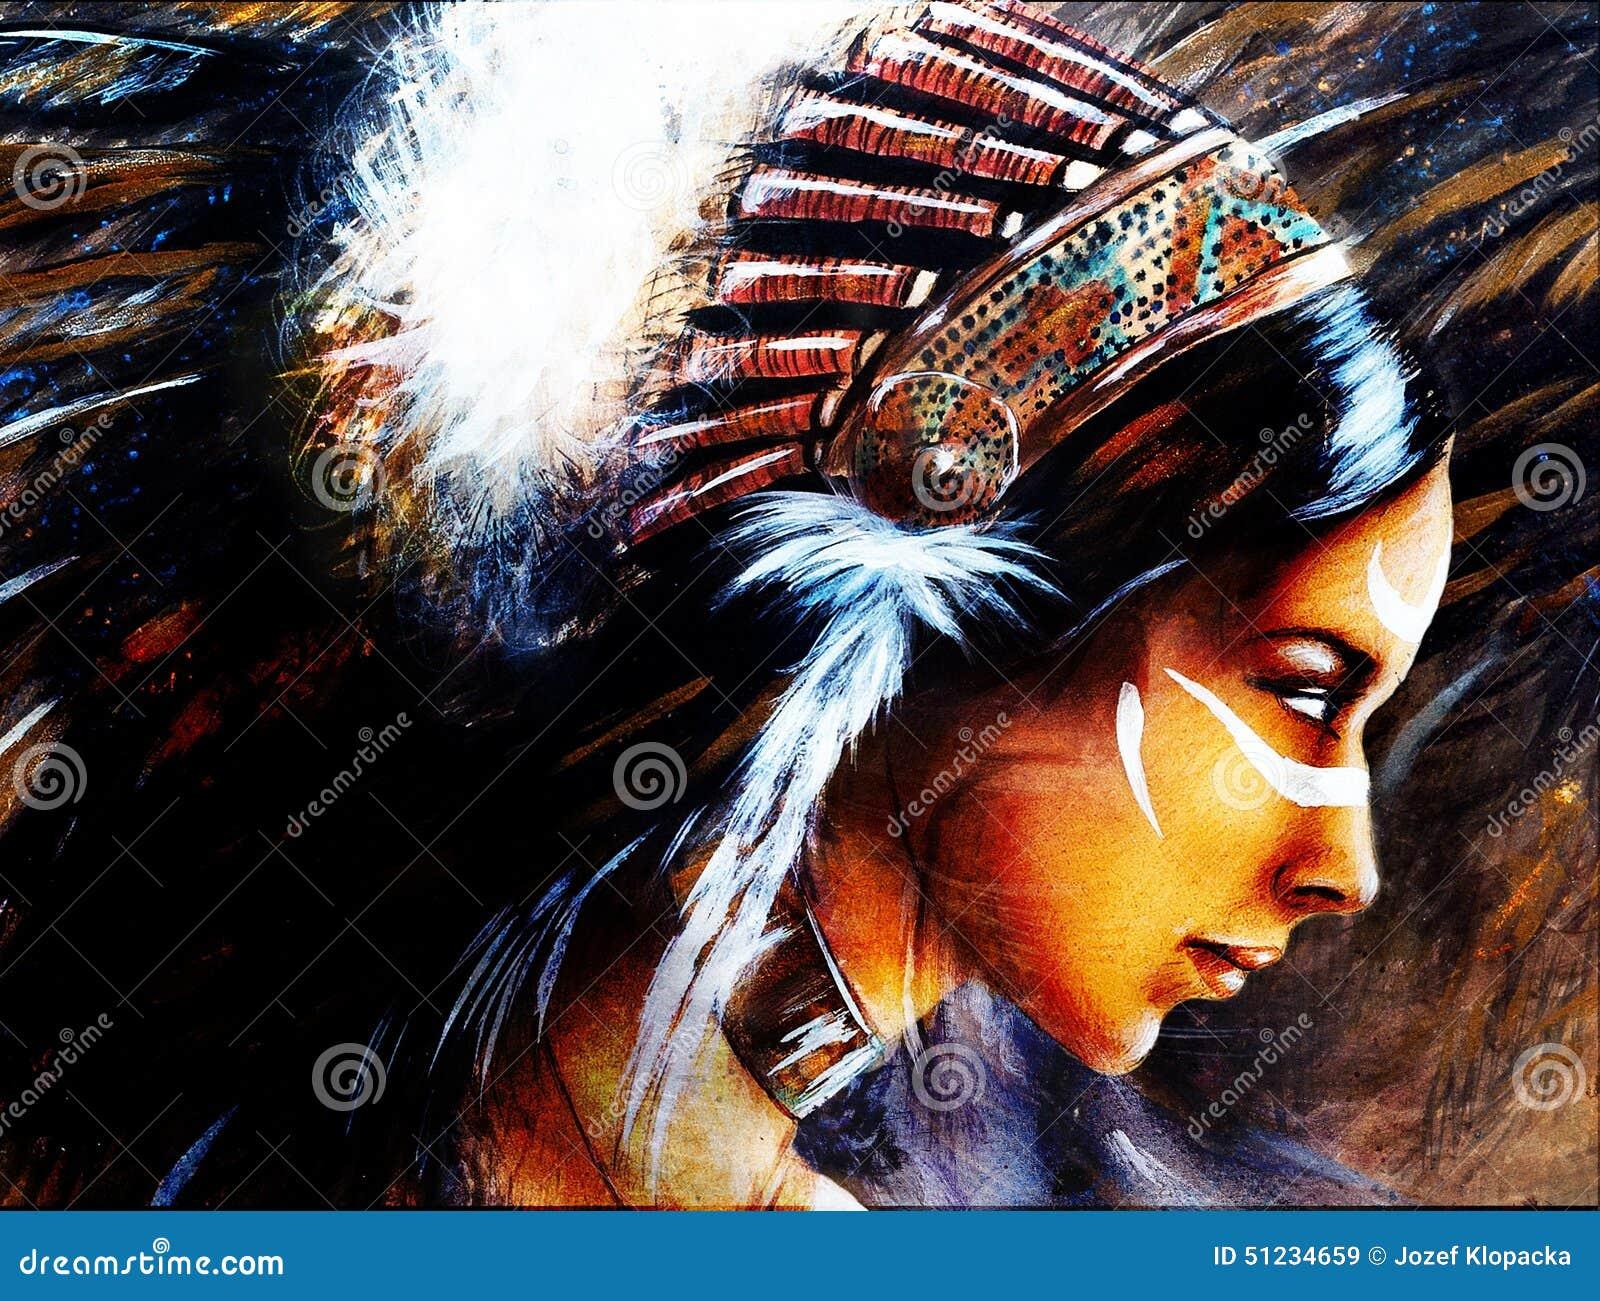 belle peinture d 39 aerographe d 39 une jeune femme indienne. Black Bedroom Furniture Sets. Home Design Ideas